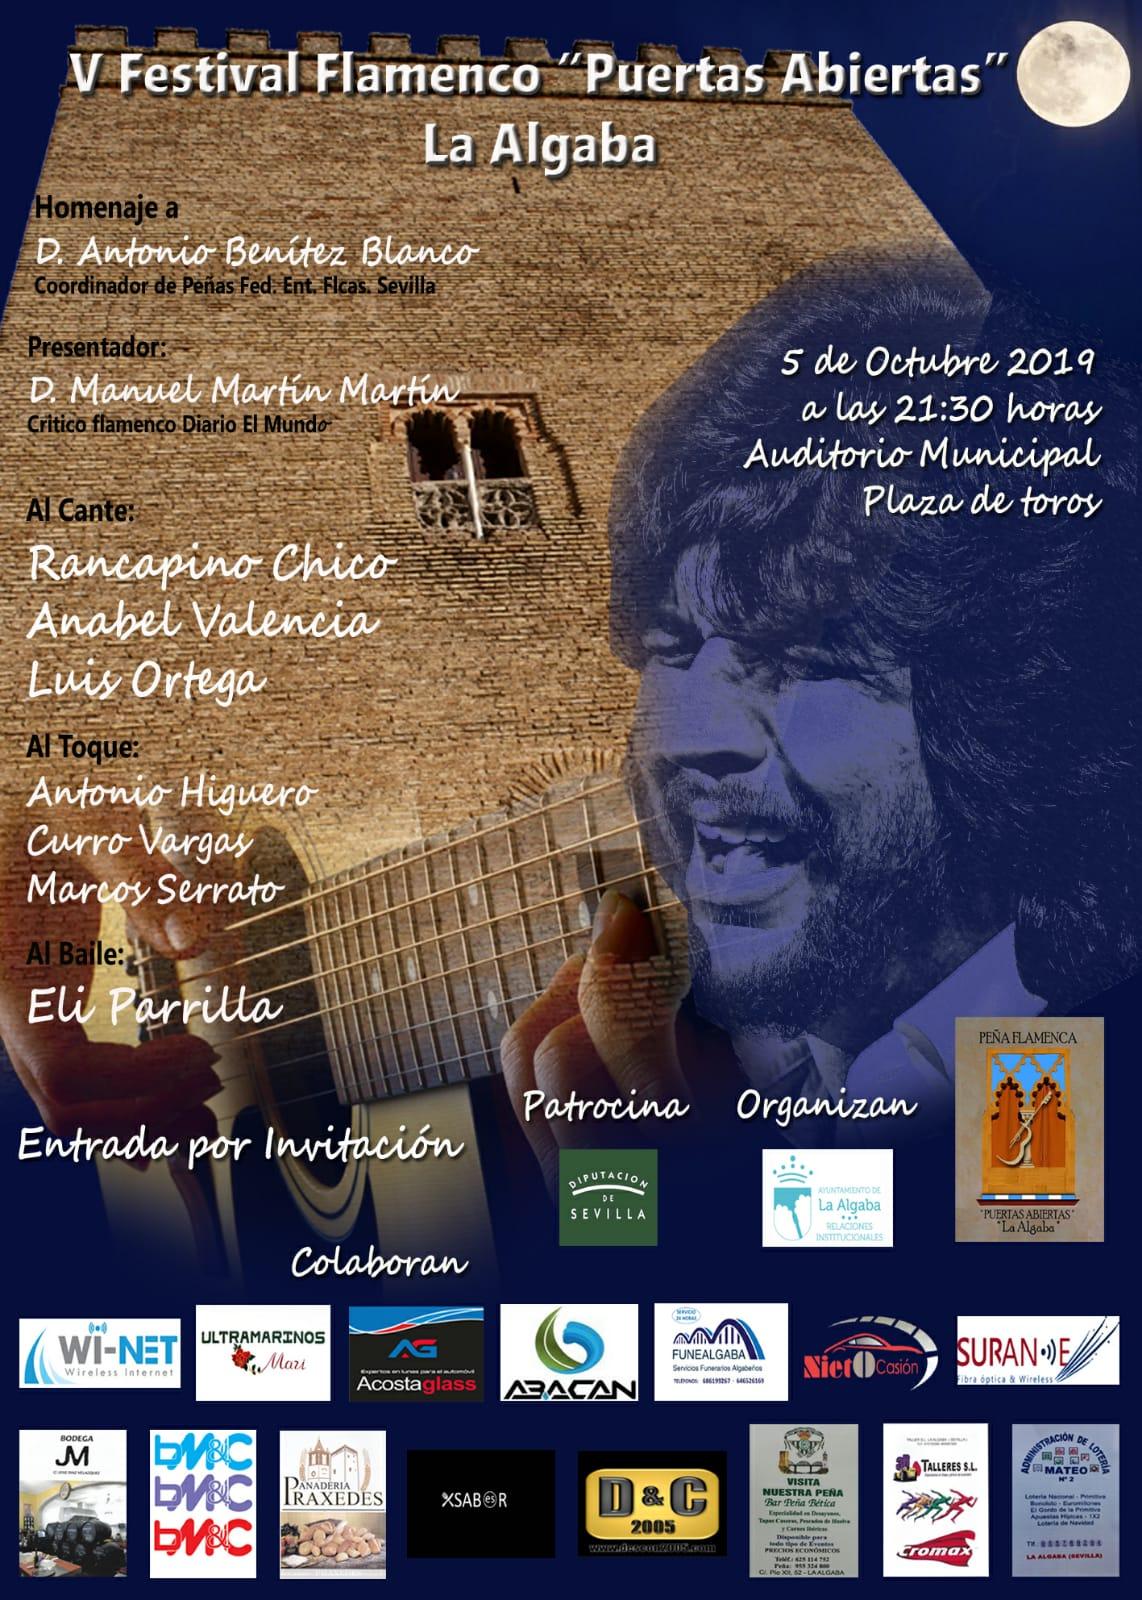 Festival Flamenco Puertas abiertas La Algaba